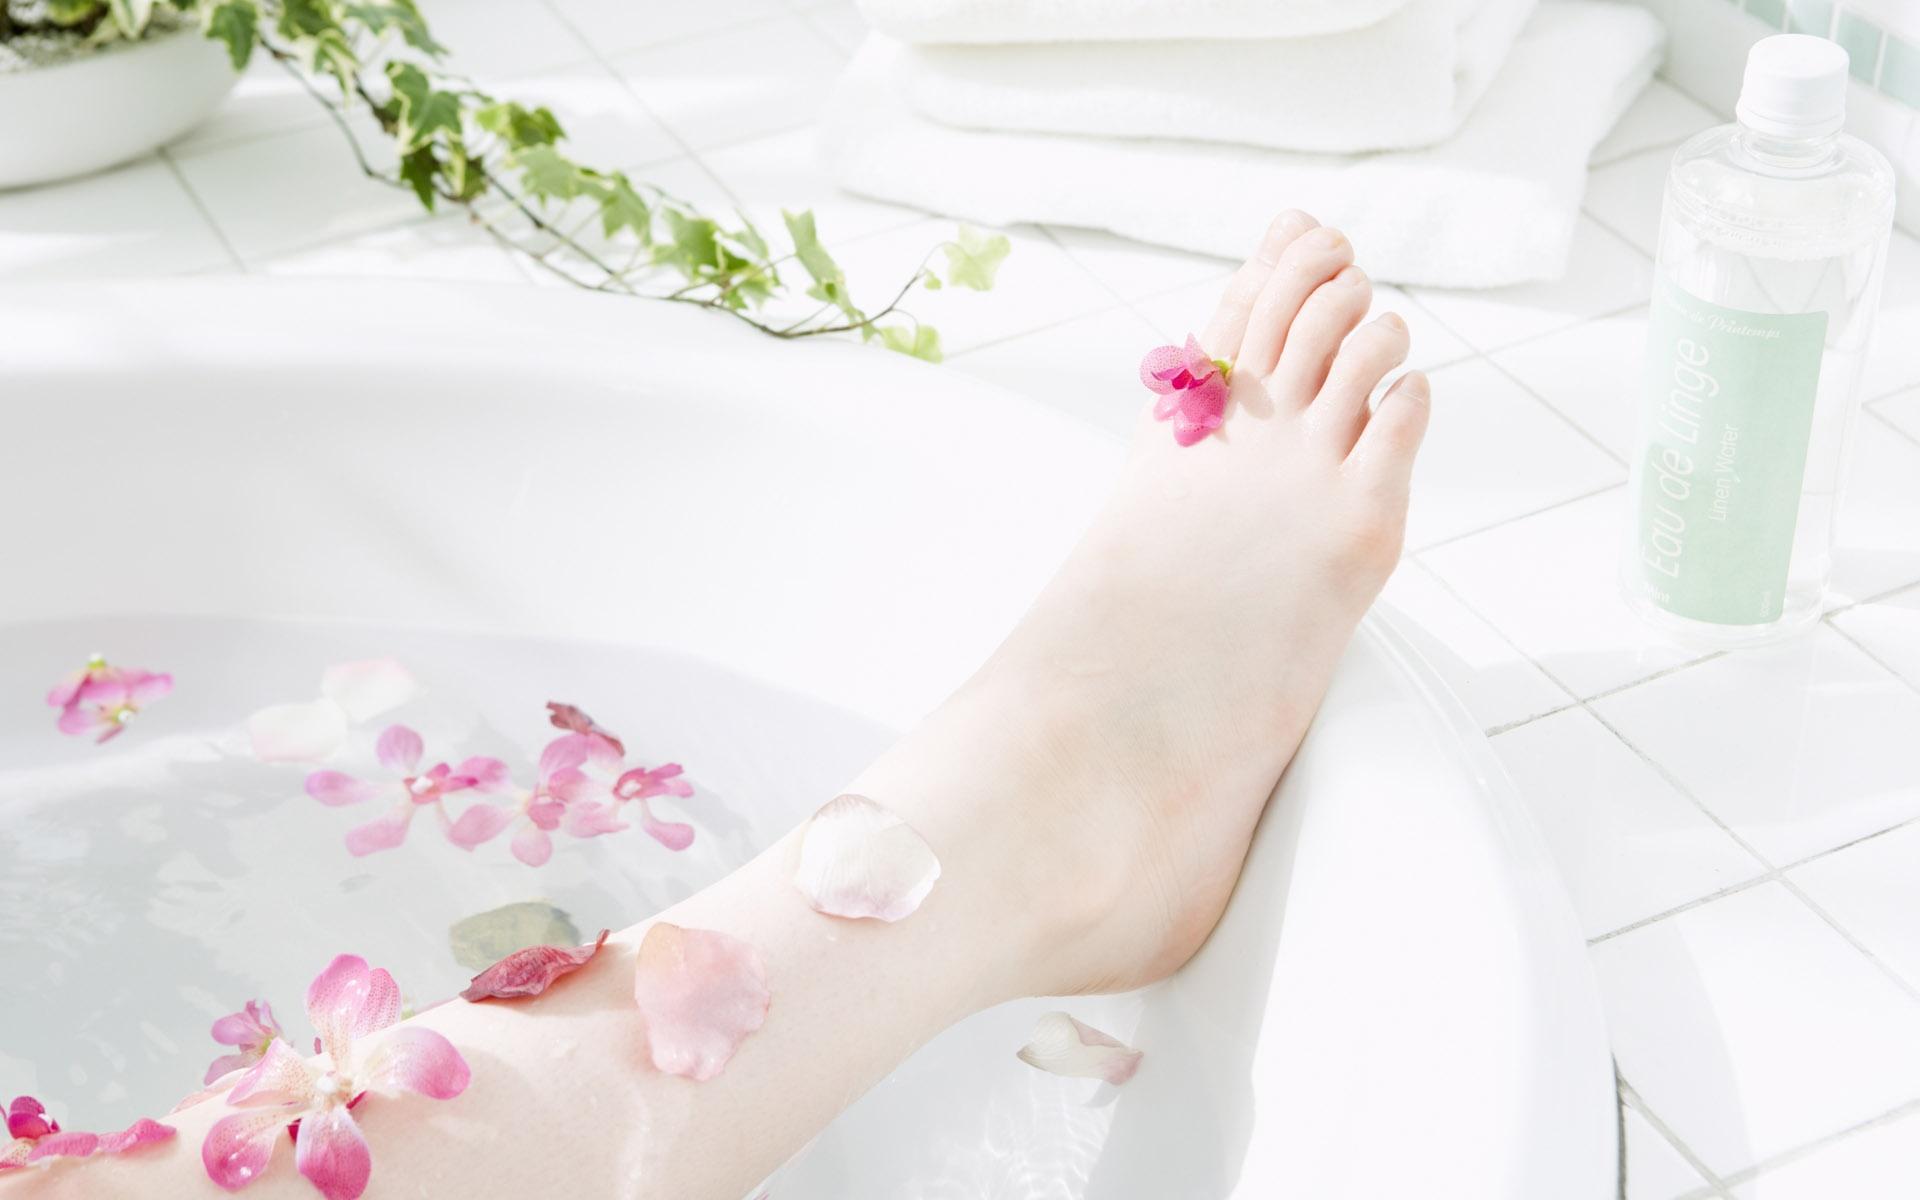 Фото ноги девушек в ванной, Девушки фоткают себя в ванной Часть 5 (52 фото) 7 фотография